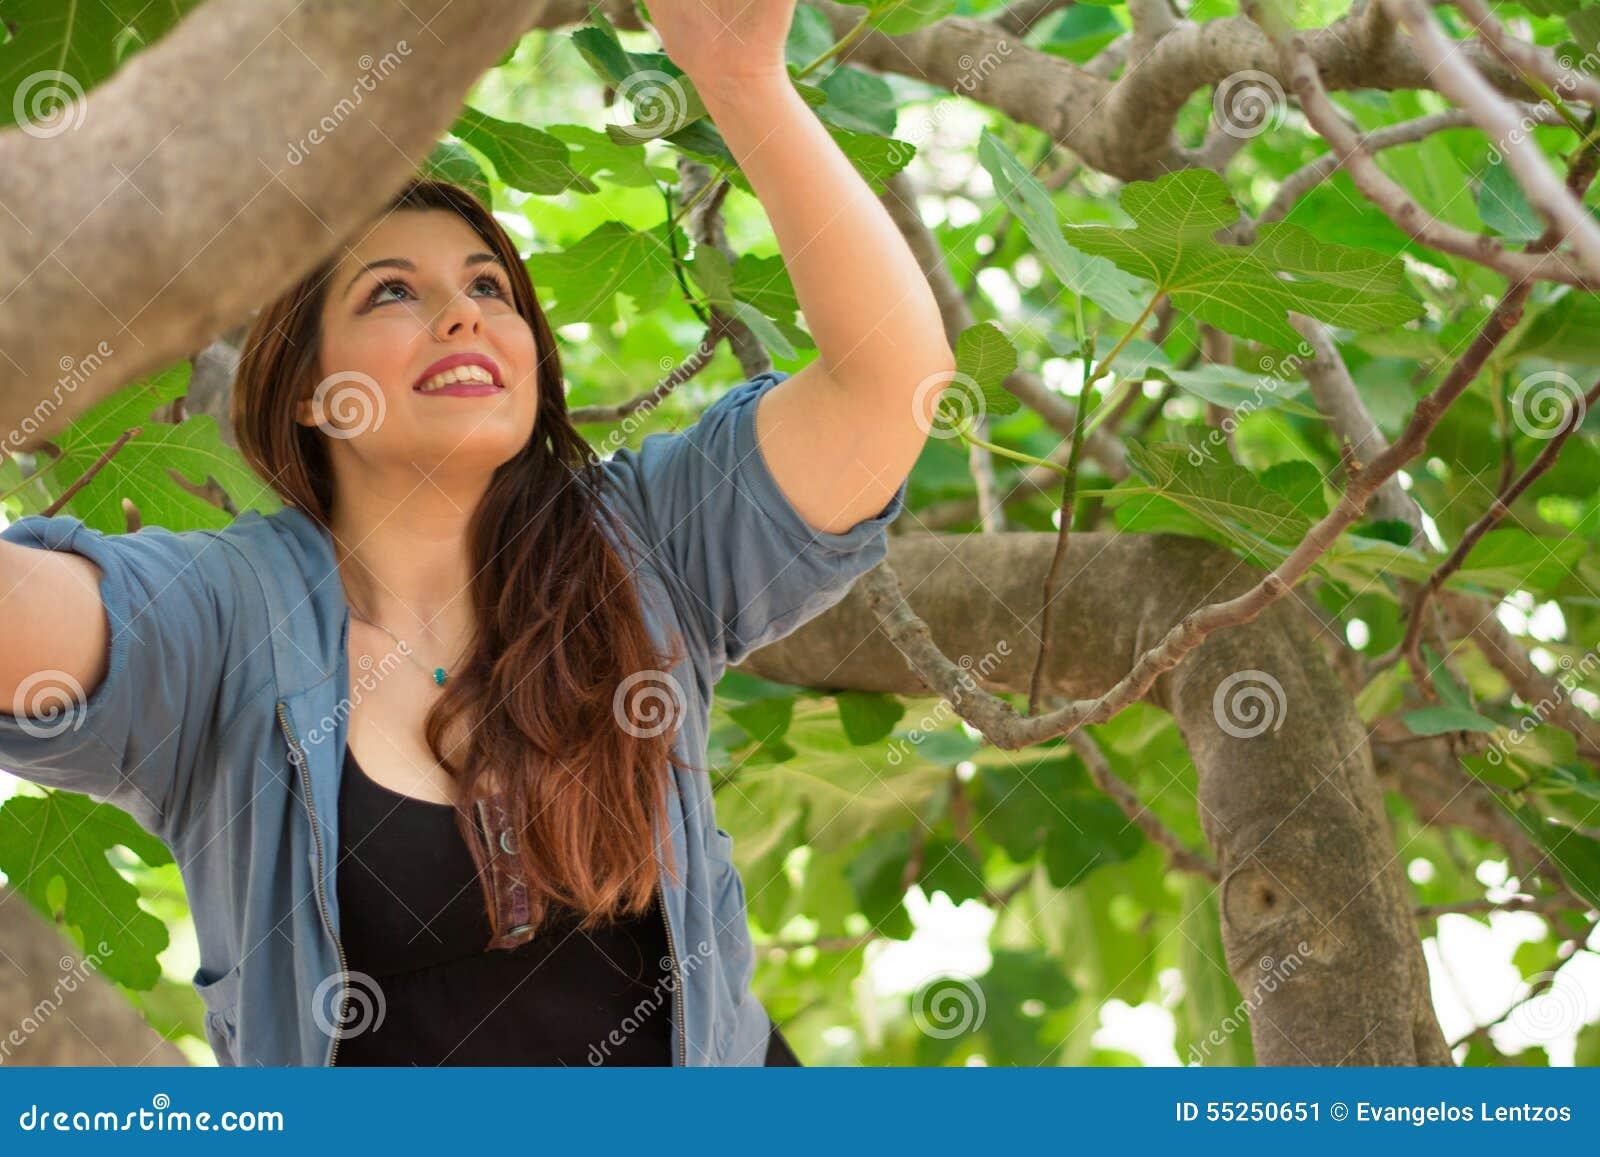 Девушка взбираясь на смоковнице